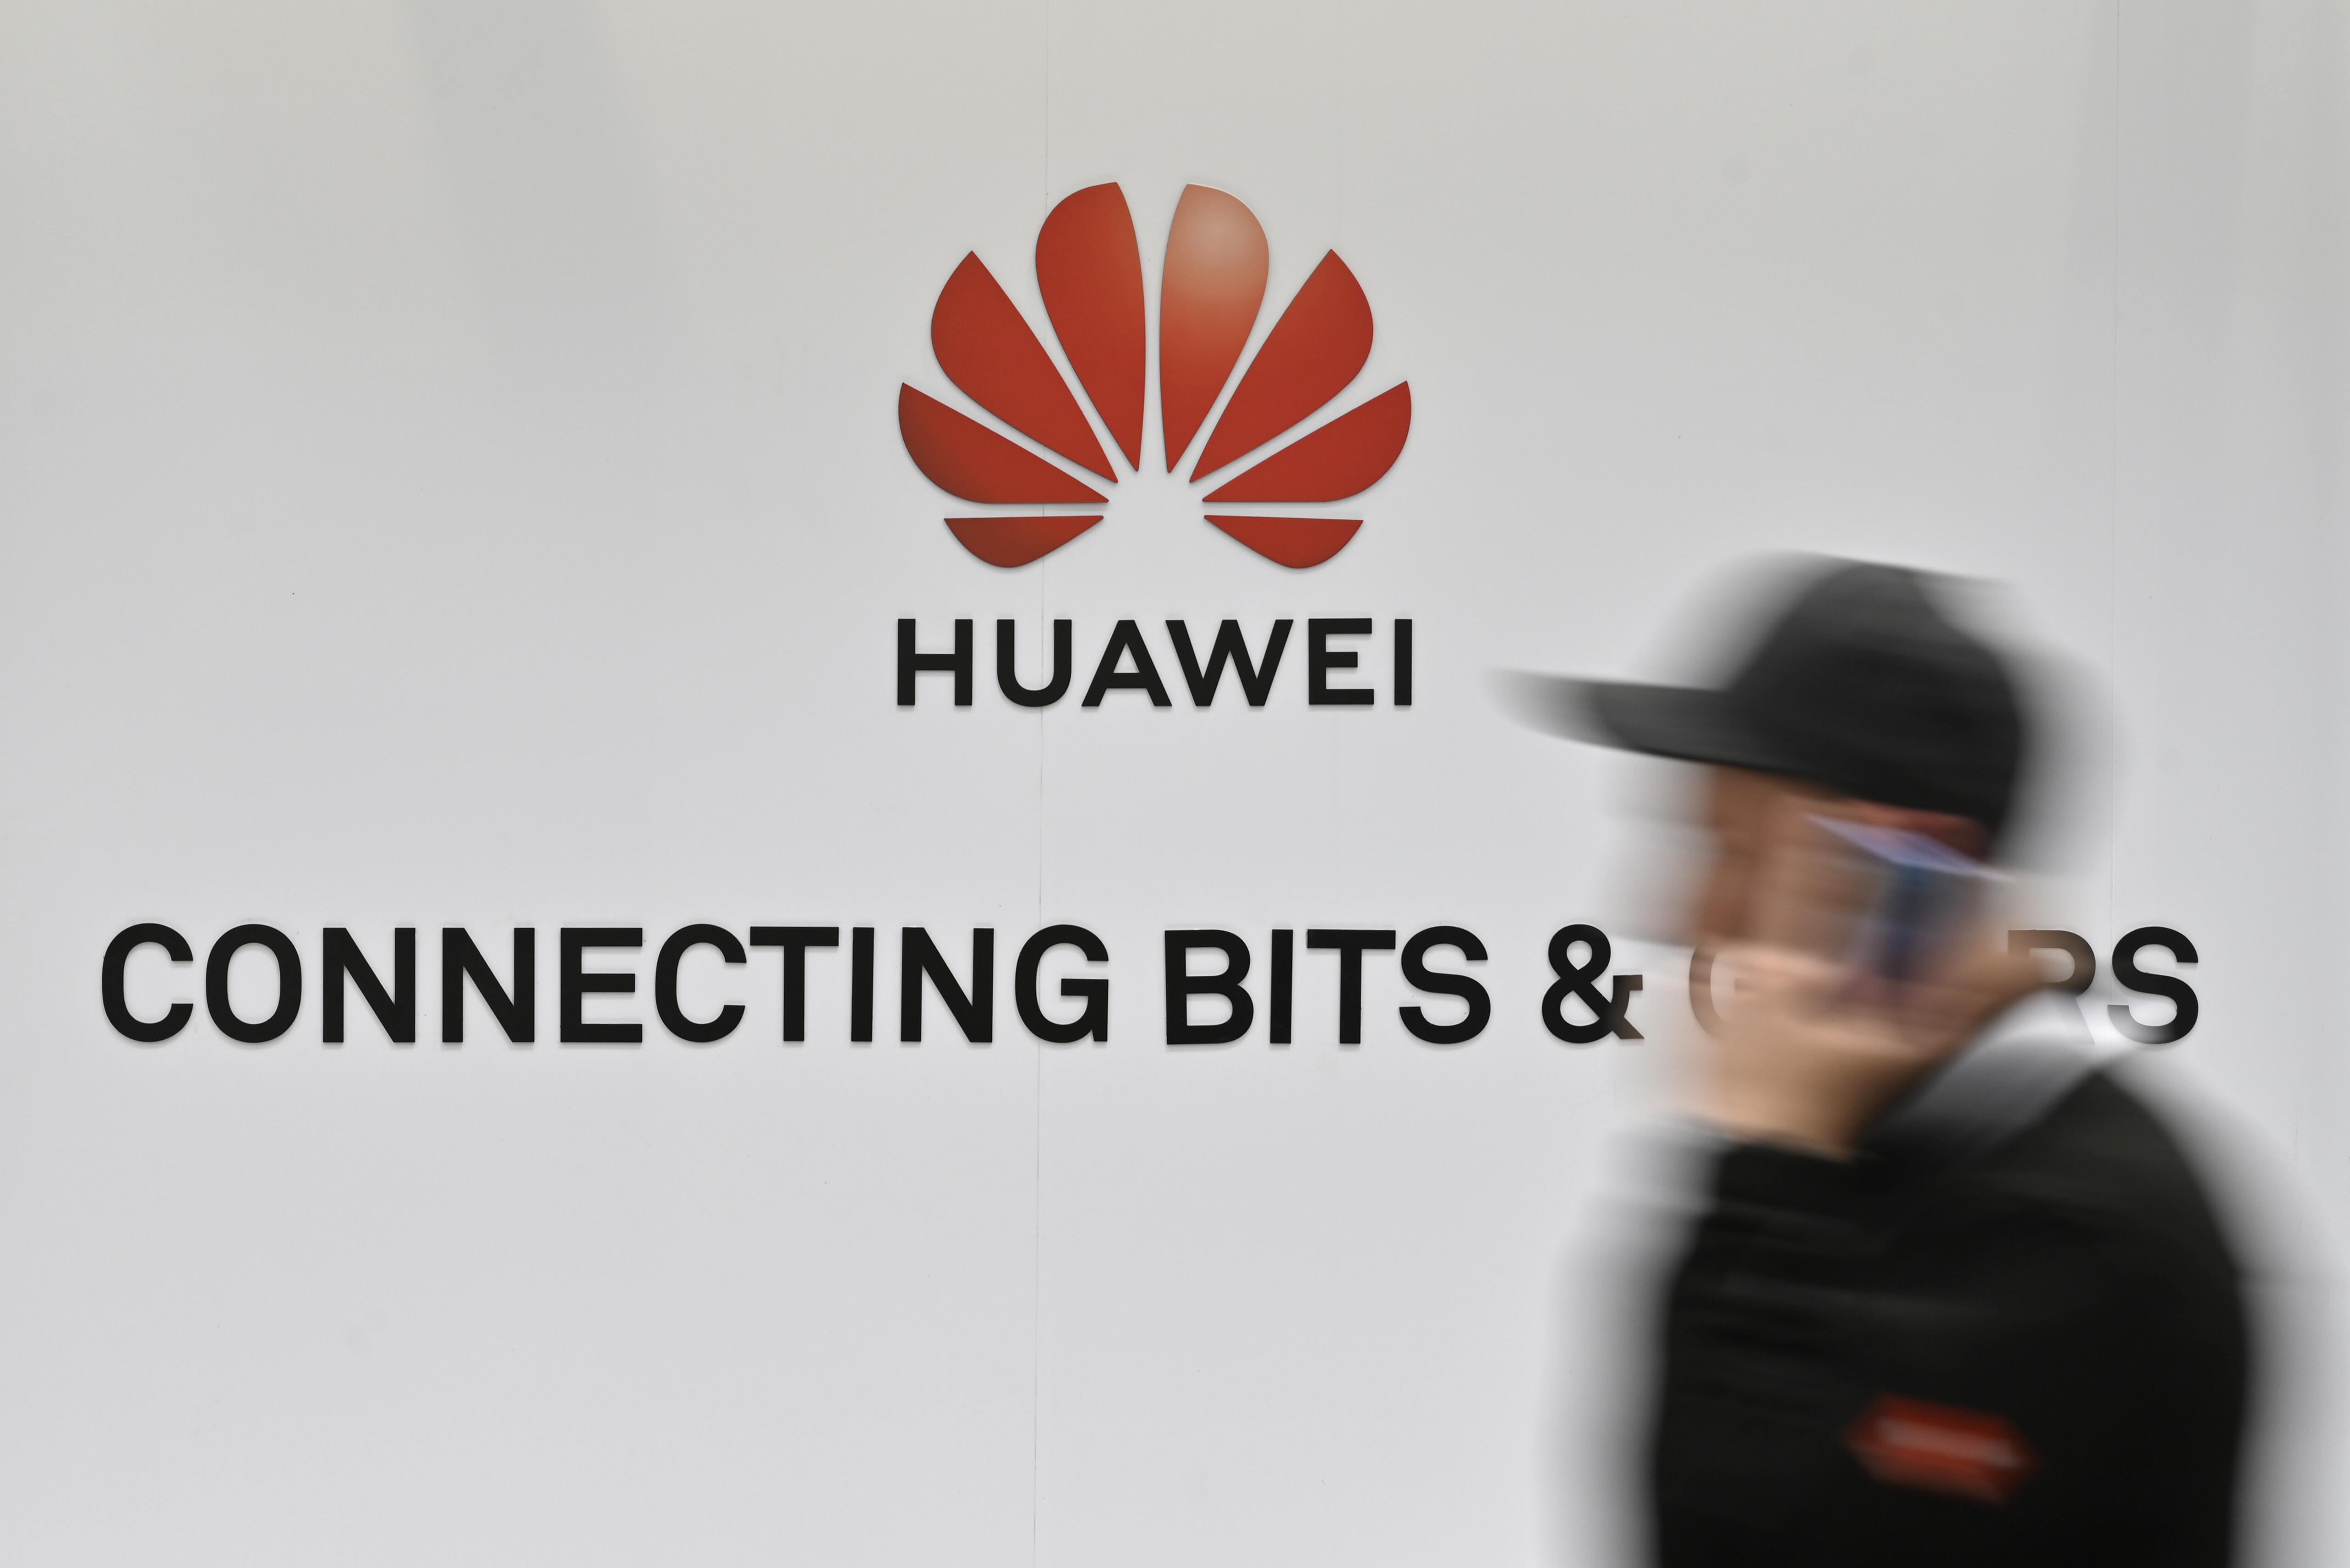 A brit kormány mégis teljesen kizárhatja a Huaweit az 5G-s fejlesztésekből